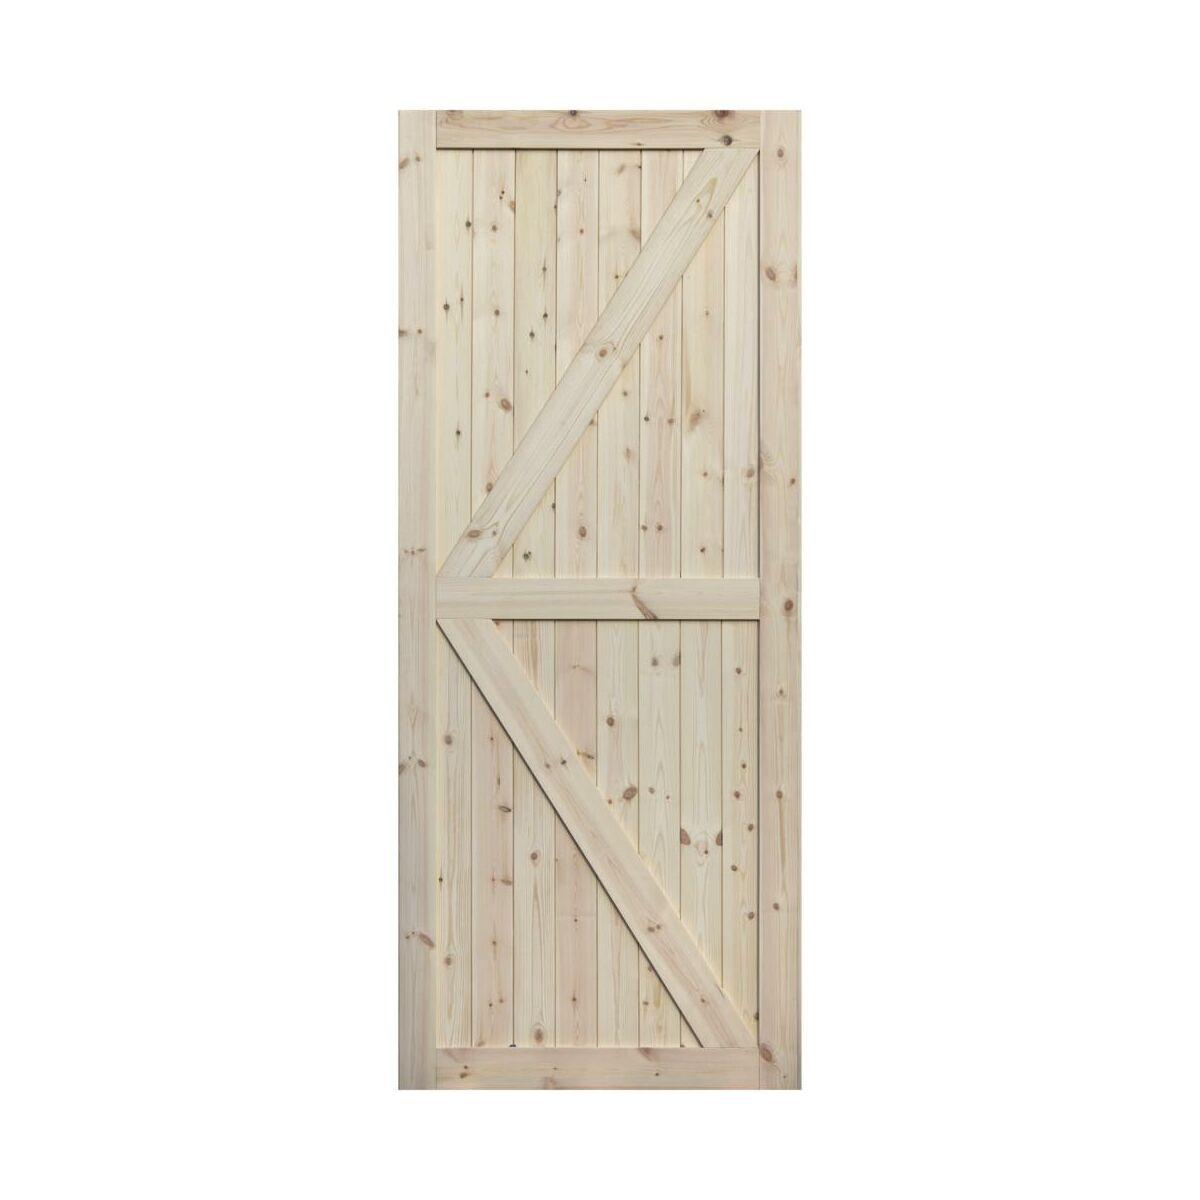 Drzwi Przesuwne Loft Ii 90 Radex Drzwi Przesuwne Wewnetrzne W